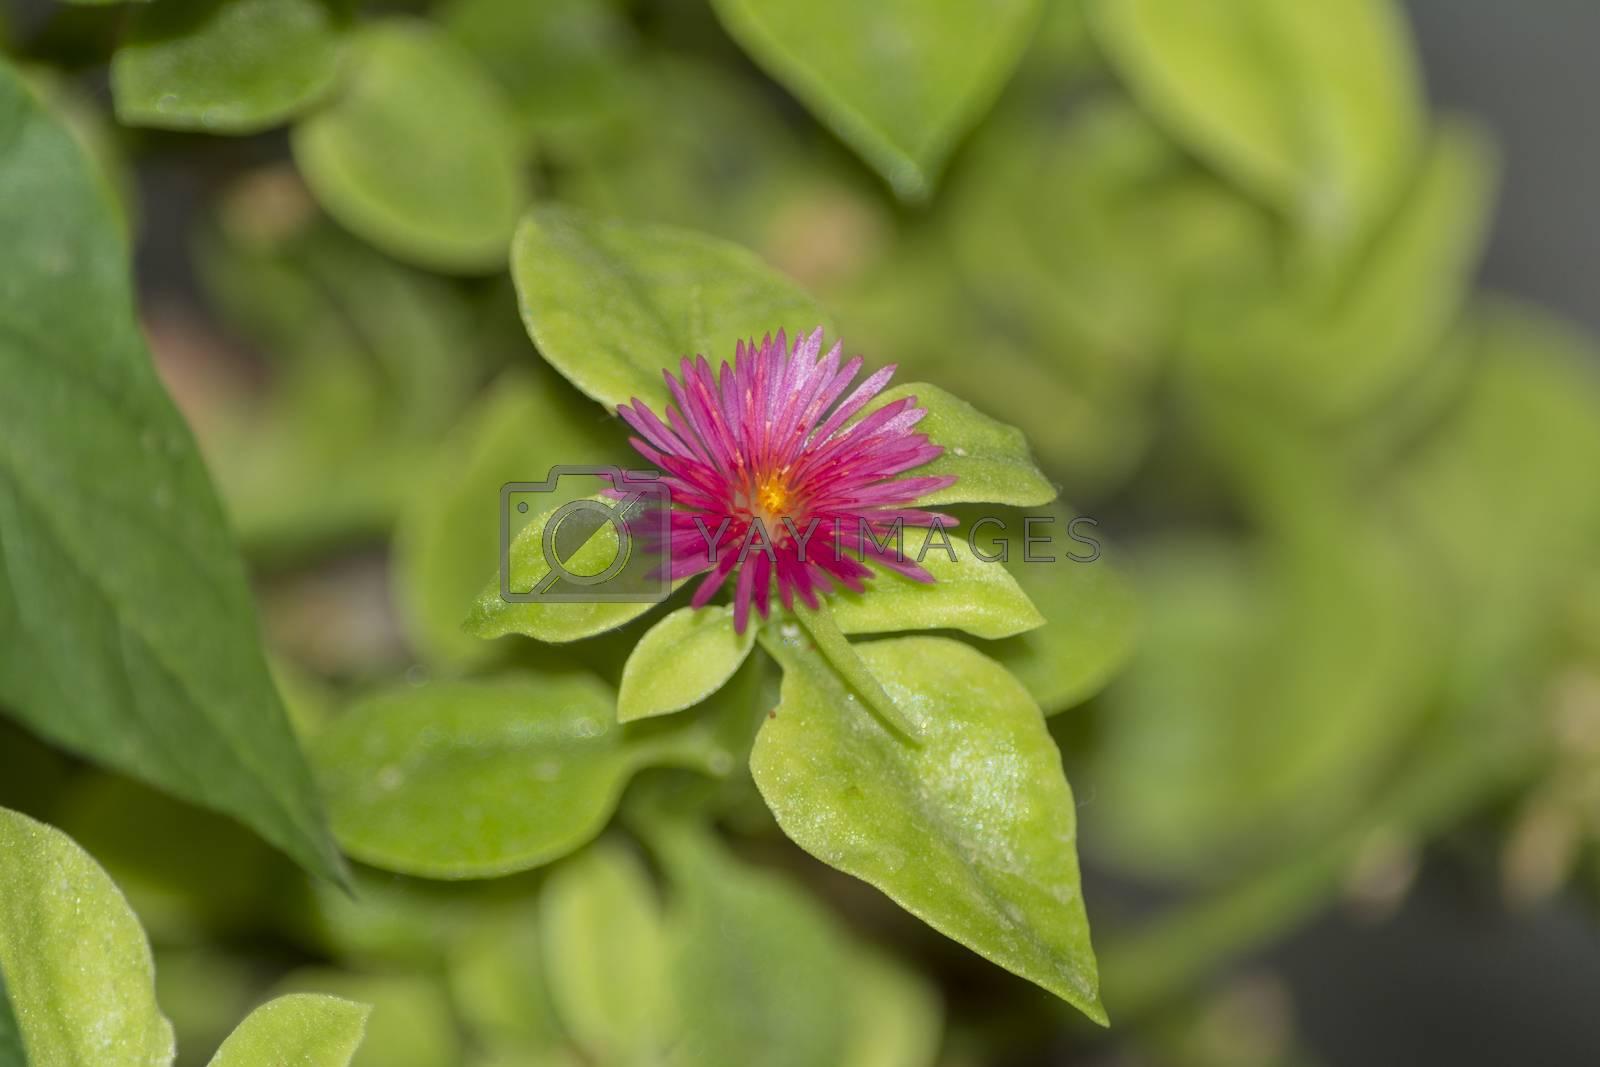 aptenia cordifolia in alicante spain by Prf_photo